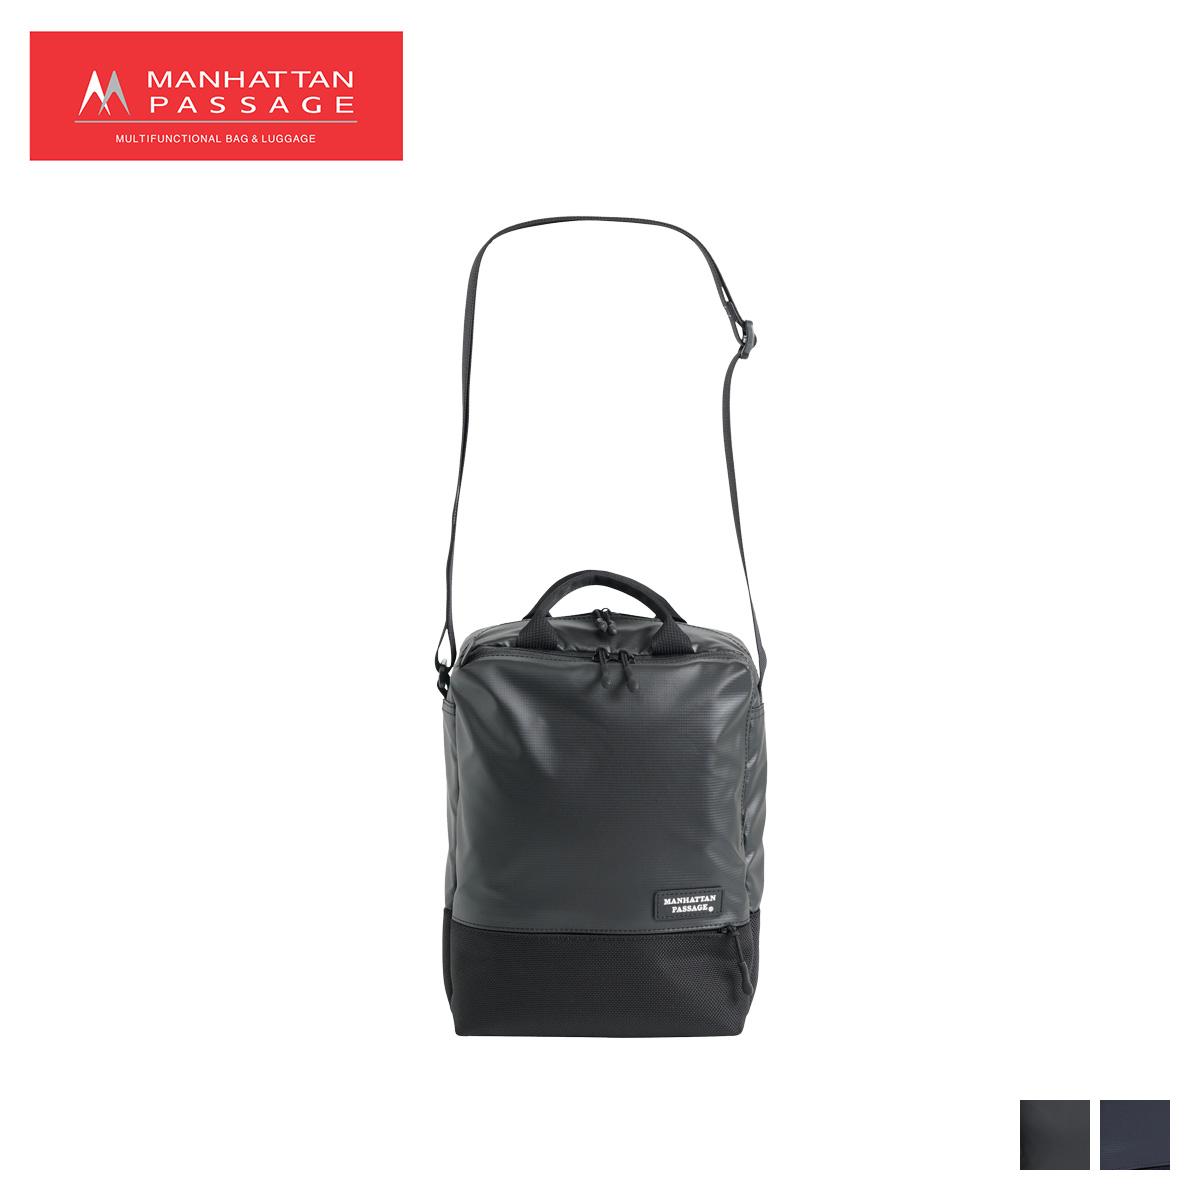 MANHATTAN PASSAGE マンハッタンパッセージ バッグ ショルダーバッグ ビジネスバッグ メンズ 6L VERTICAL ブラック ネイビー 黒 3365 [4/10 新入荷]